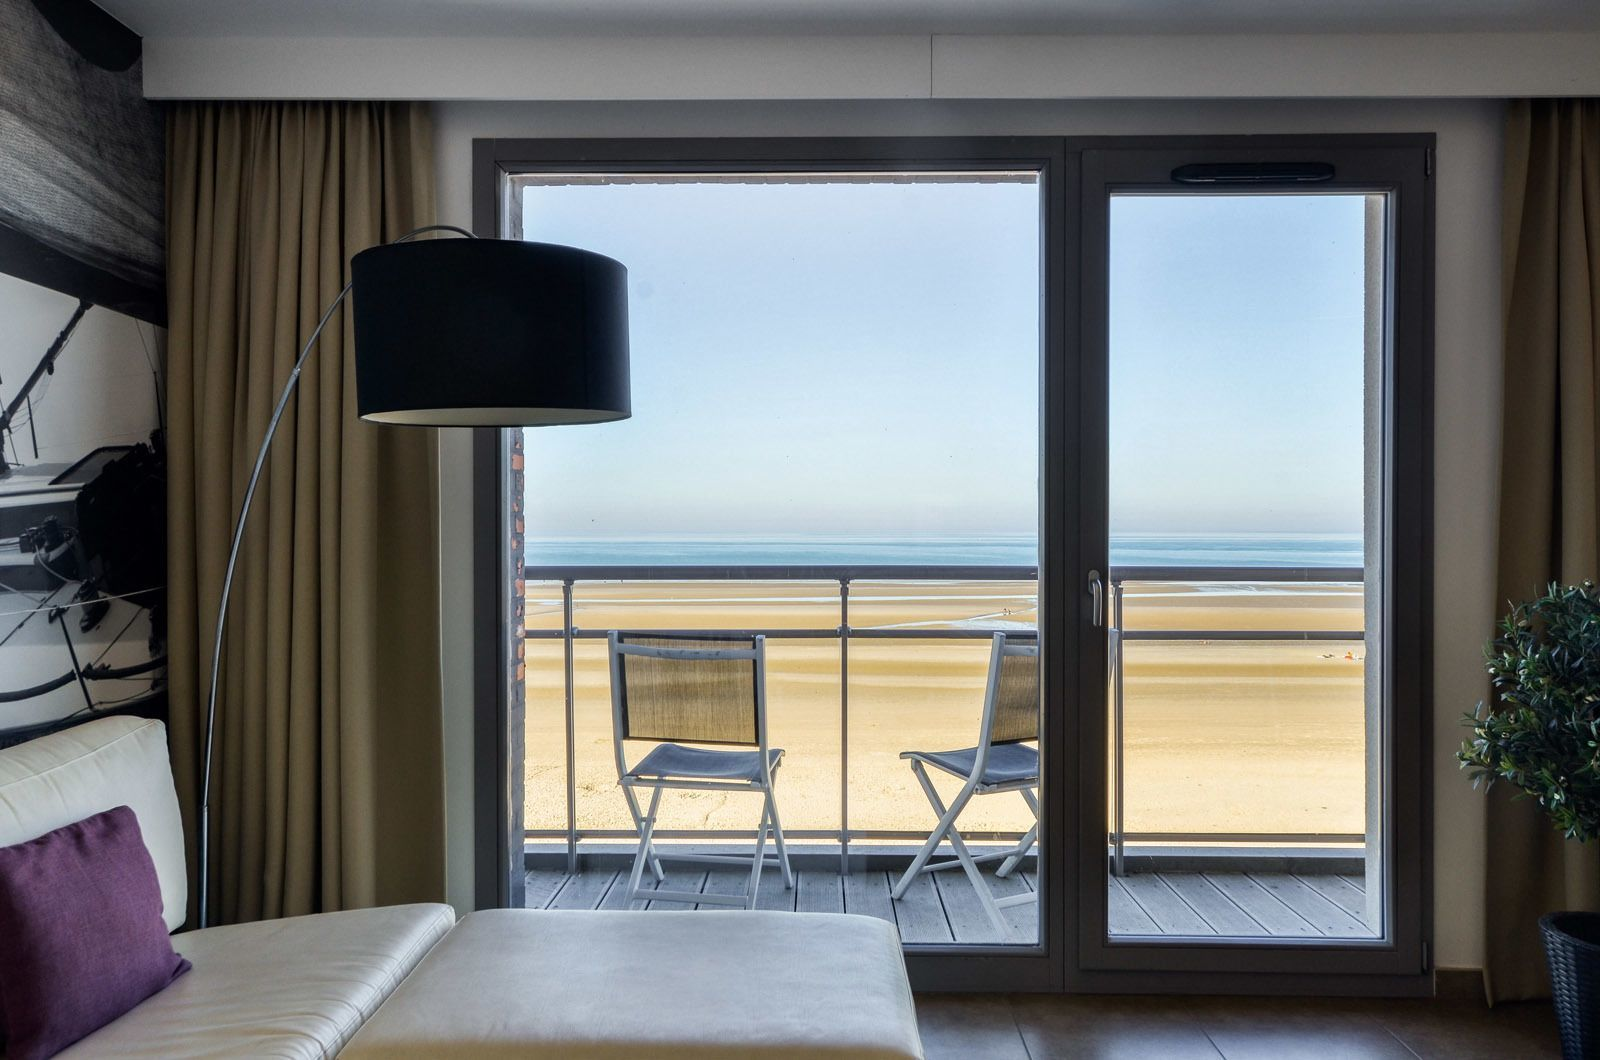 Vakantieverblijf voor 4 personen met frontaal zeezicht